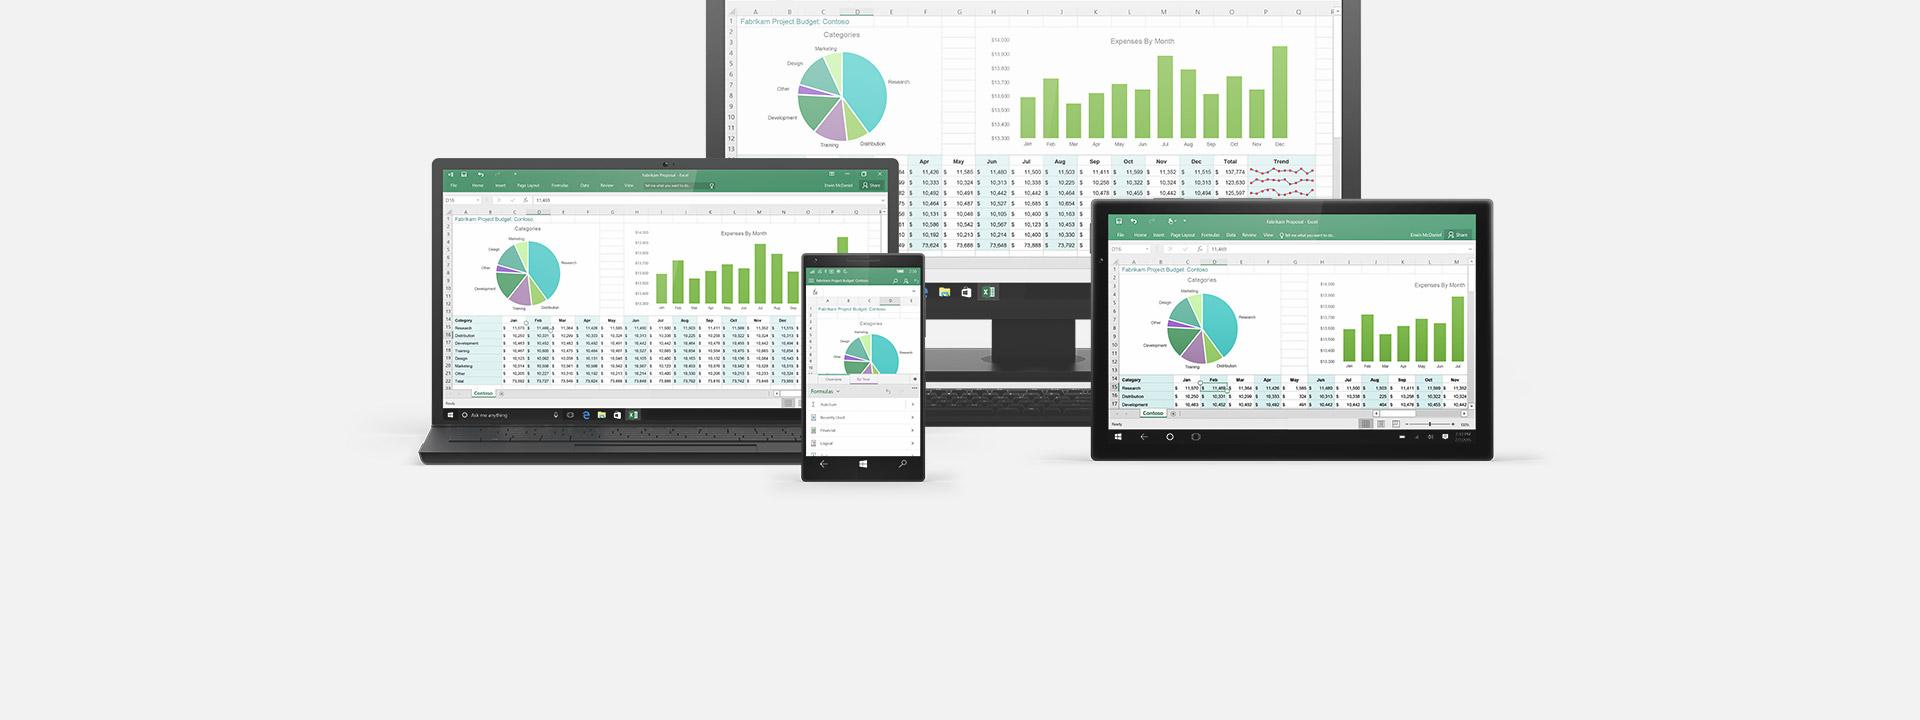 Flere enheter, les mer om Office 365